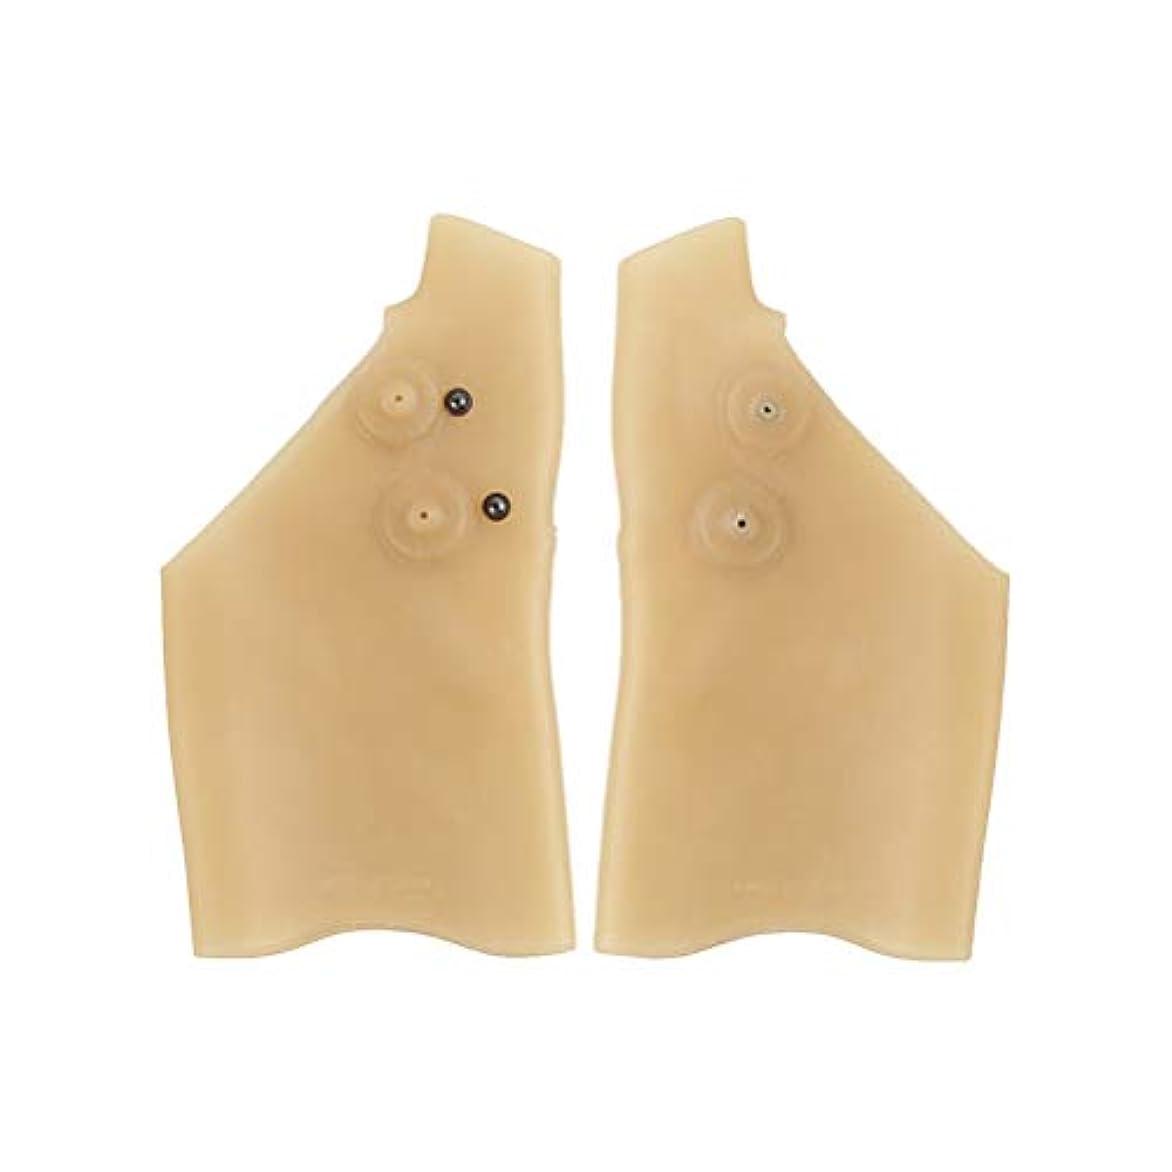 楽しい悪夢算術Healifty 手の保護のための磁気防水手袋の手首の固定手袋